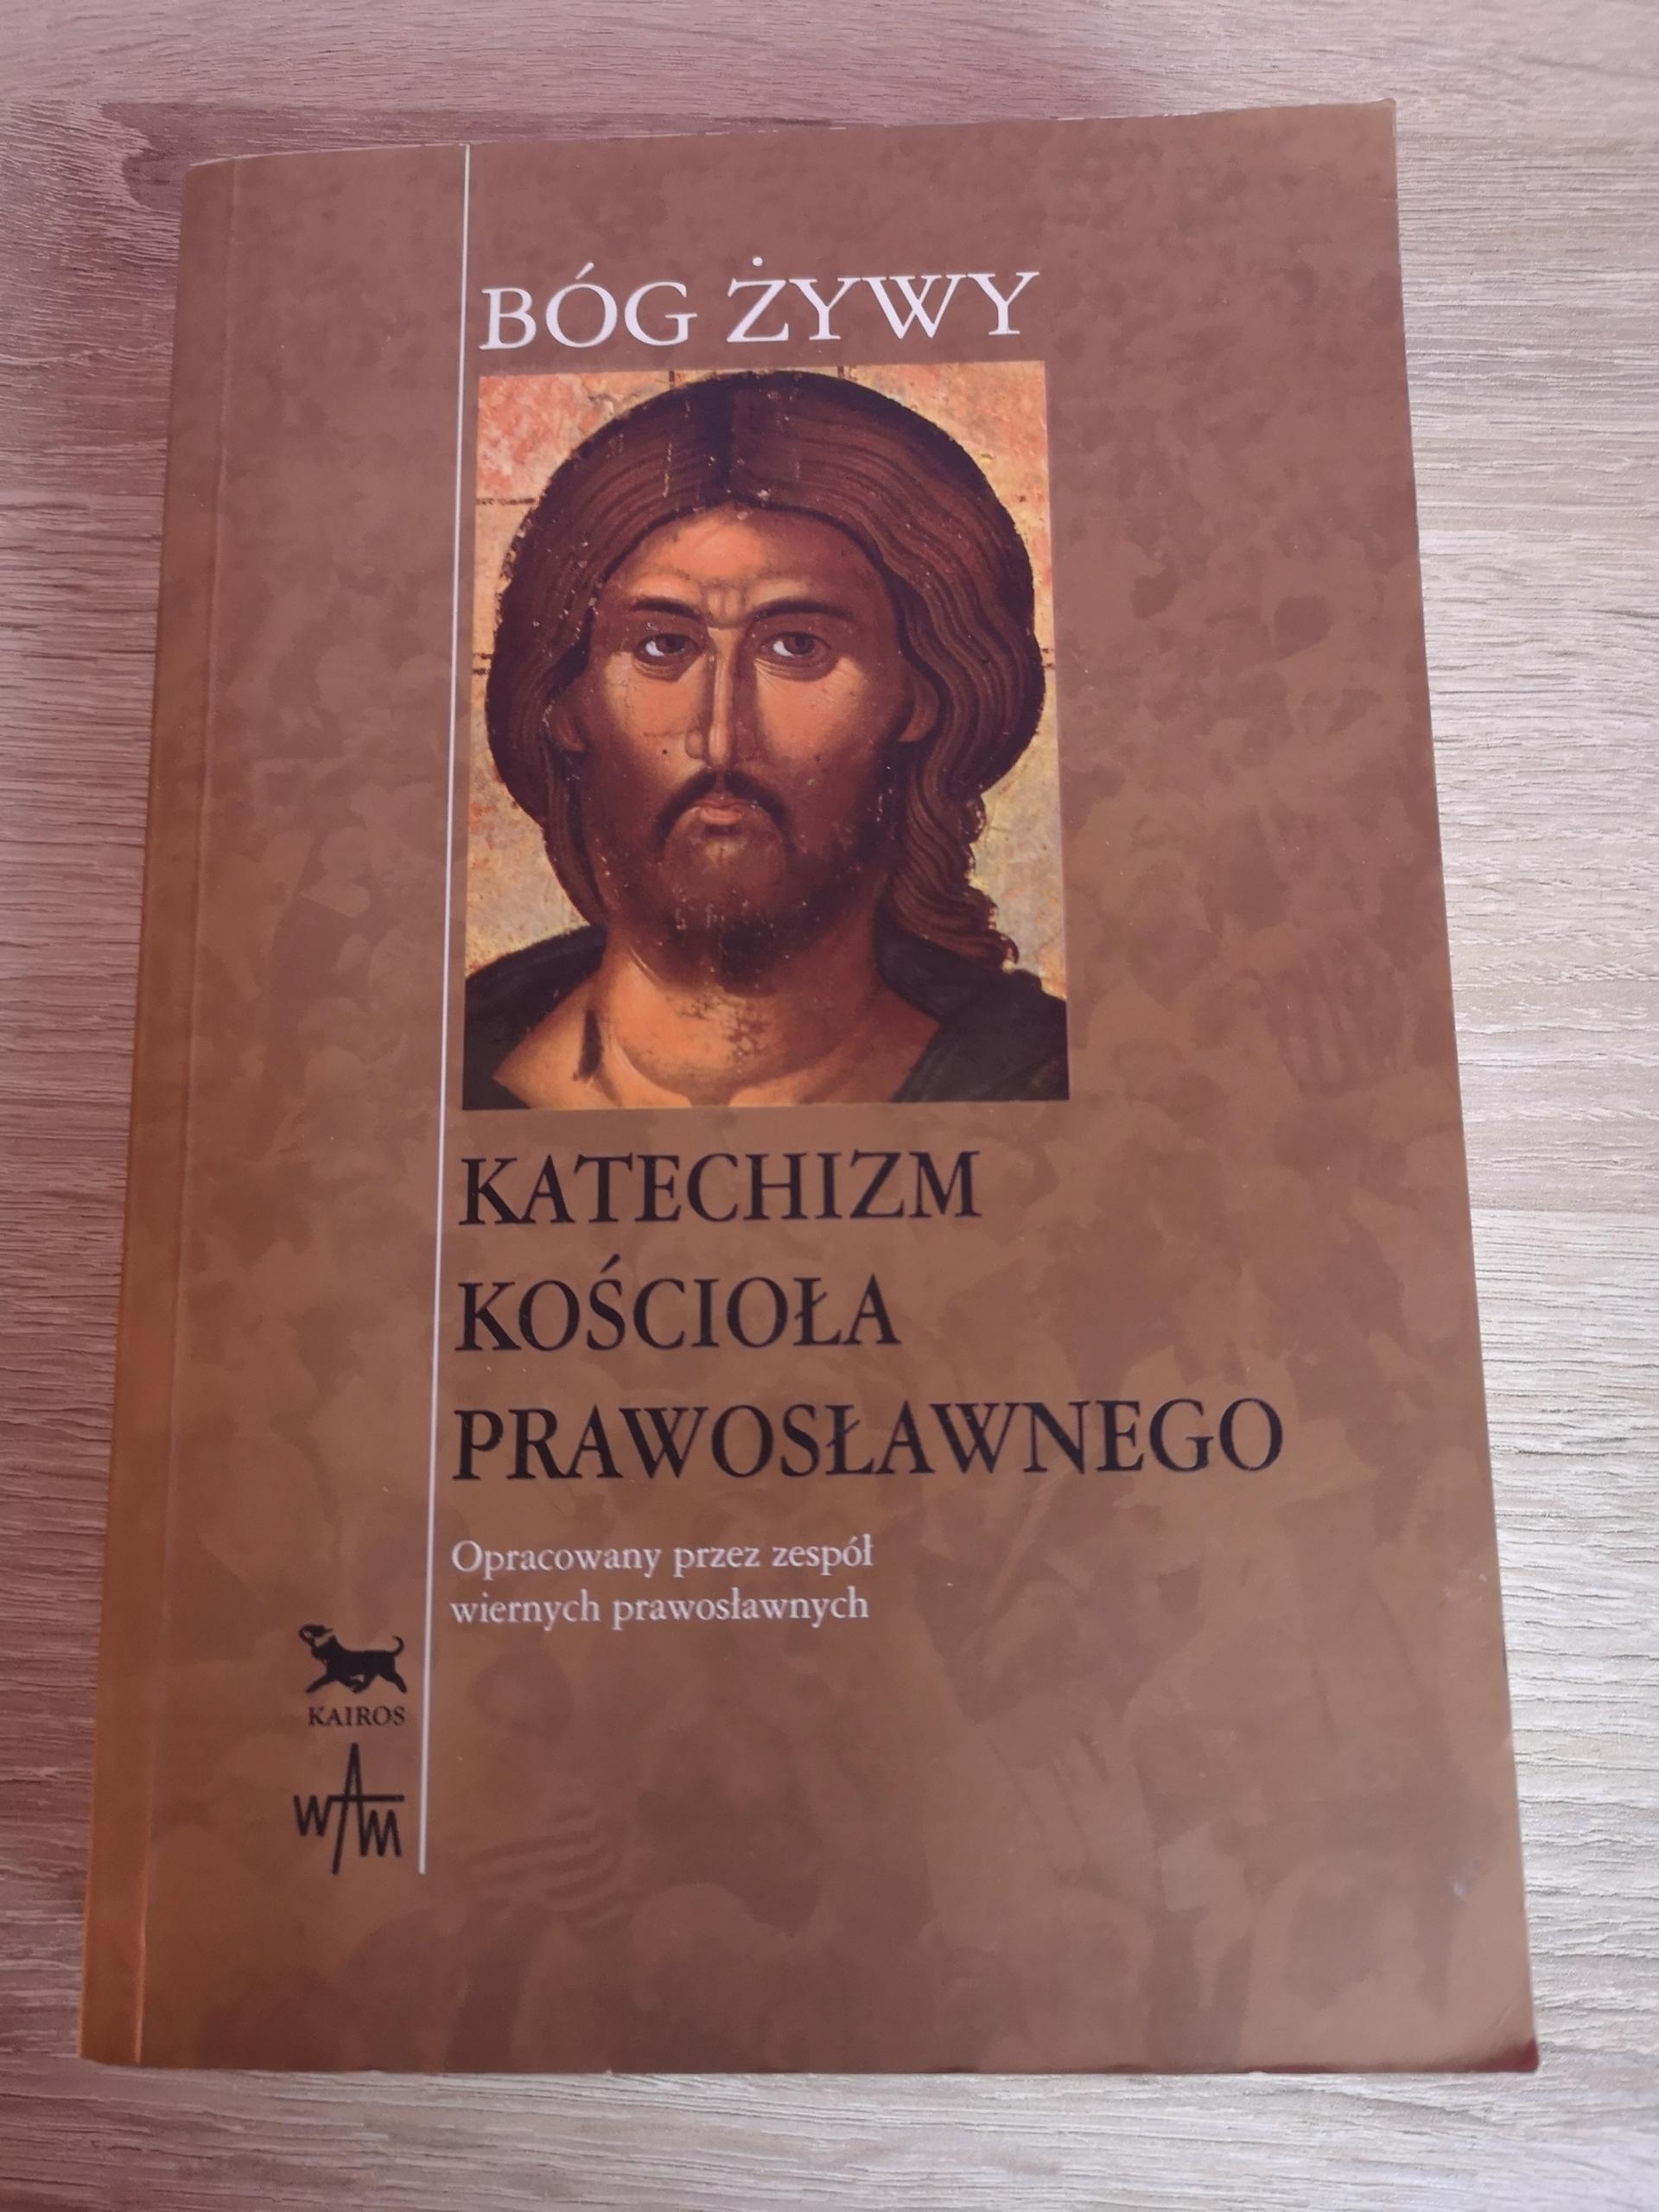 Bóg żywy - Katechizm kościoła prawosławnego